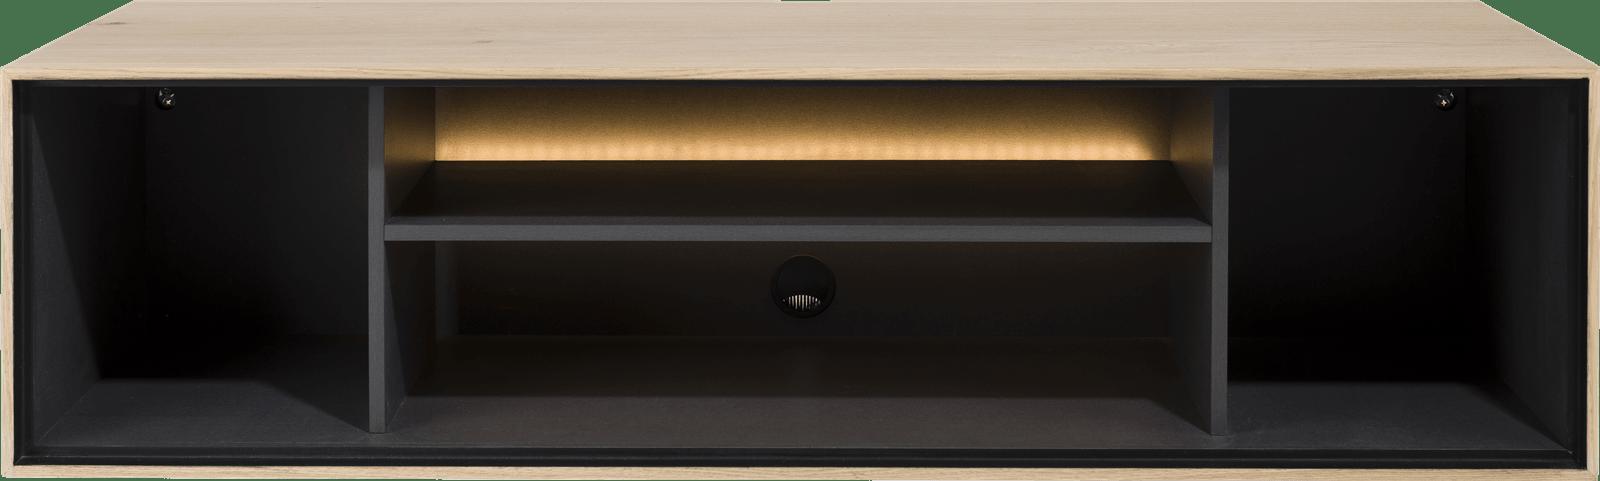 XOOON - Elements - Minimalistisches Design - box 30 x 120 cm. - holz - zum aufhaengen + 4-nischen + led